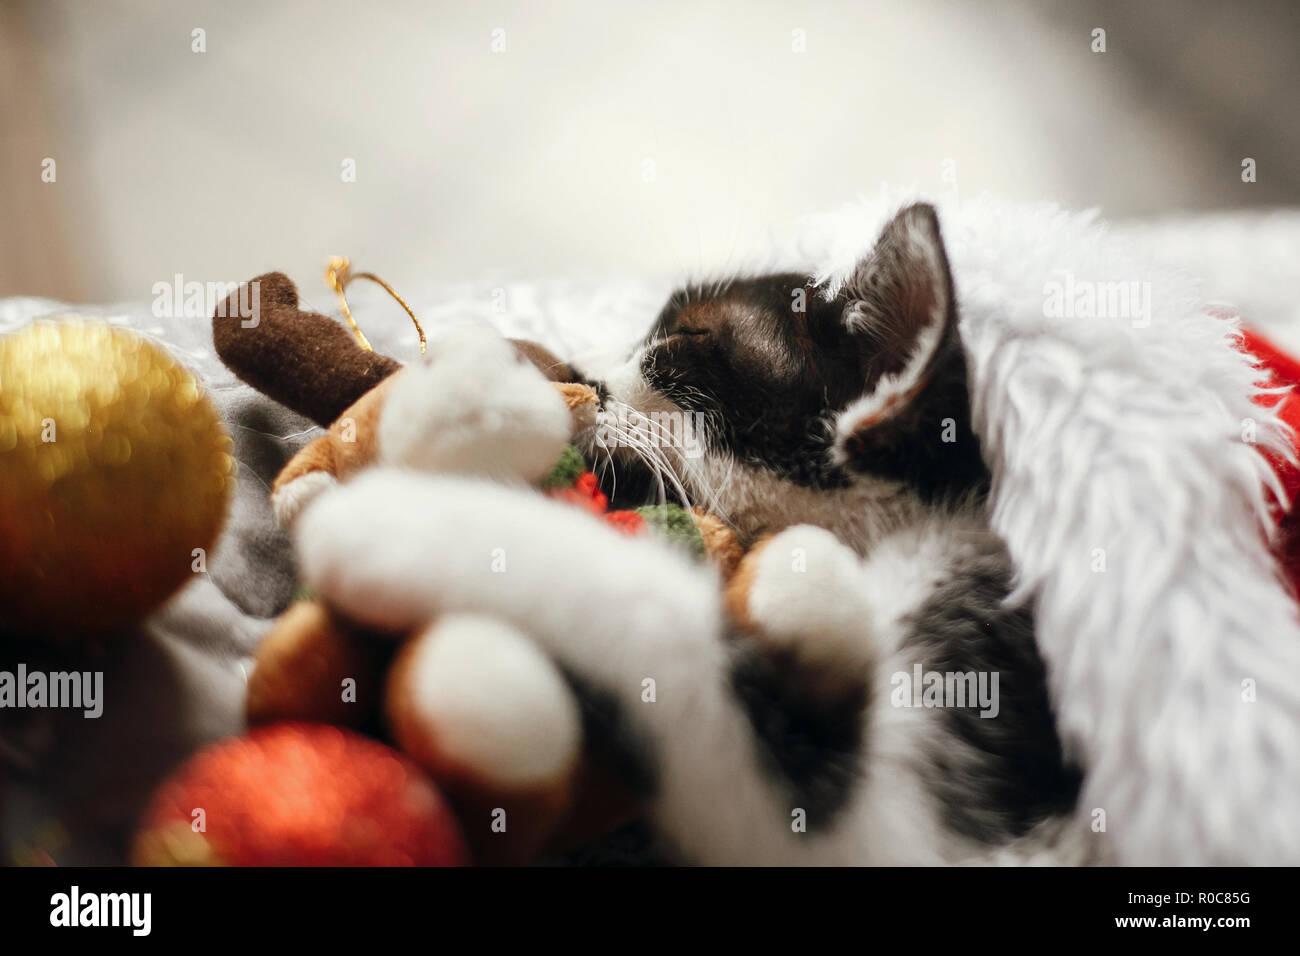 Carino kitty dormire a santa hat sul letto con oro e rosso baubles di Natale in sala festosa. Buon Natale concetto. Adorabili gattini sonnecchiare con rei Immagini Stock